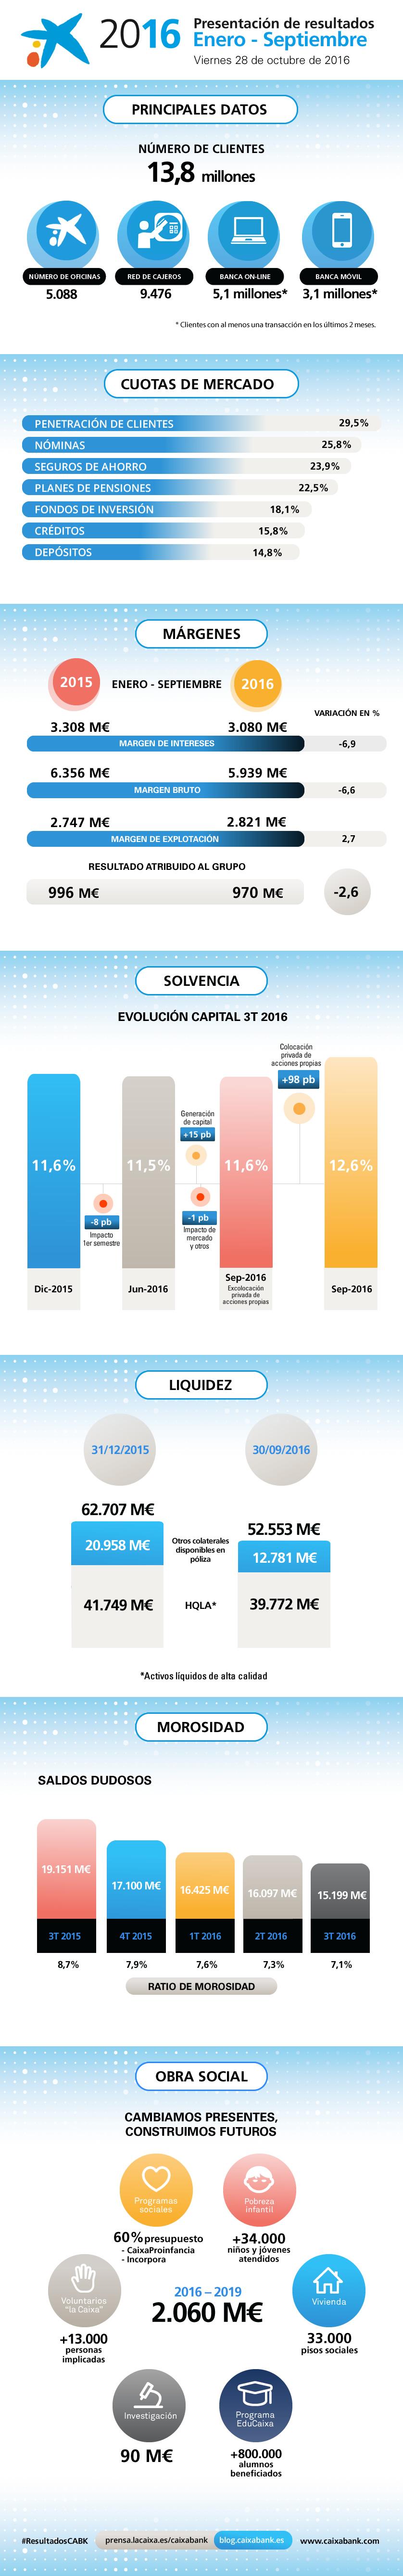 Infografía Resultados Caixabank 3T 2016